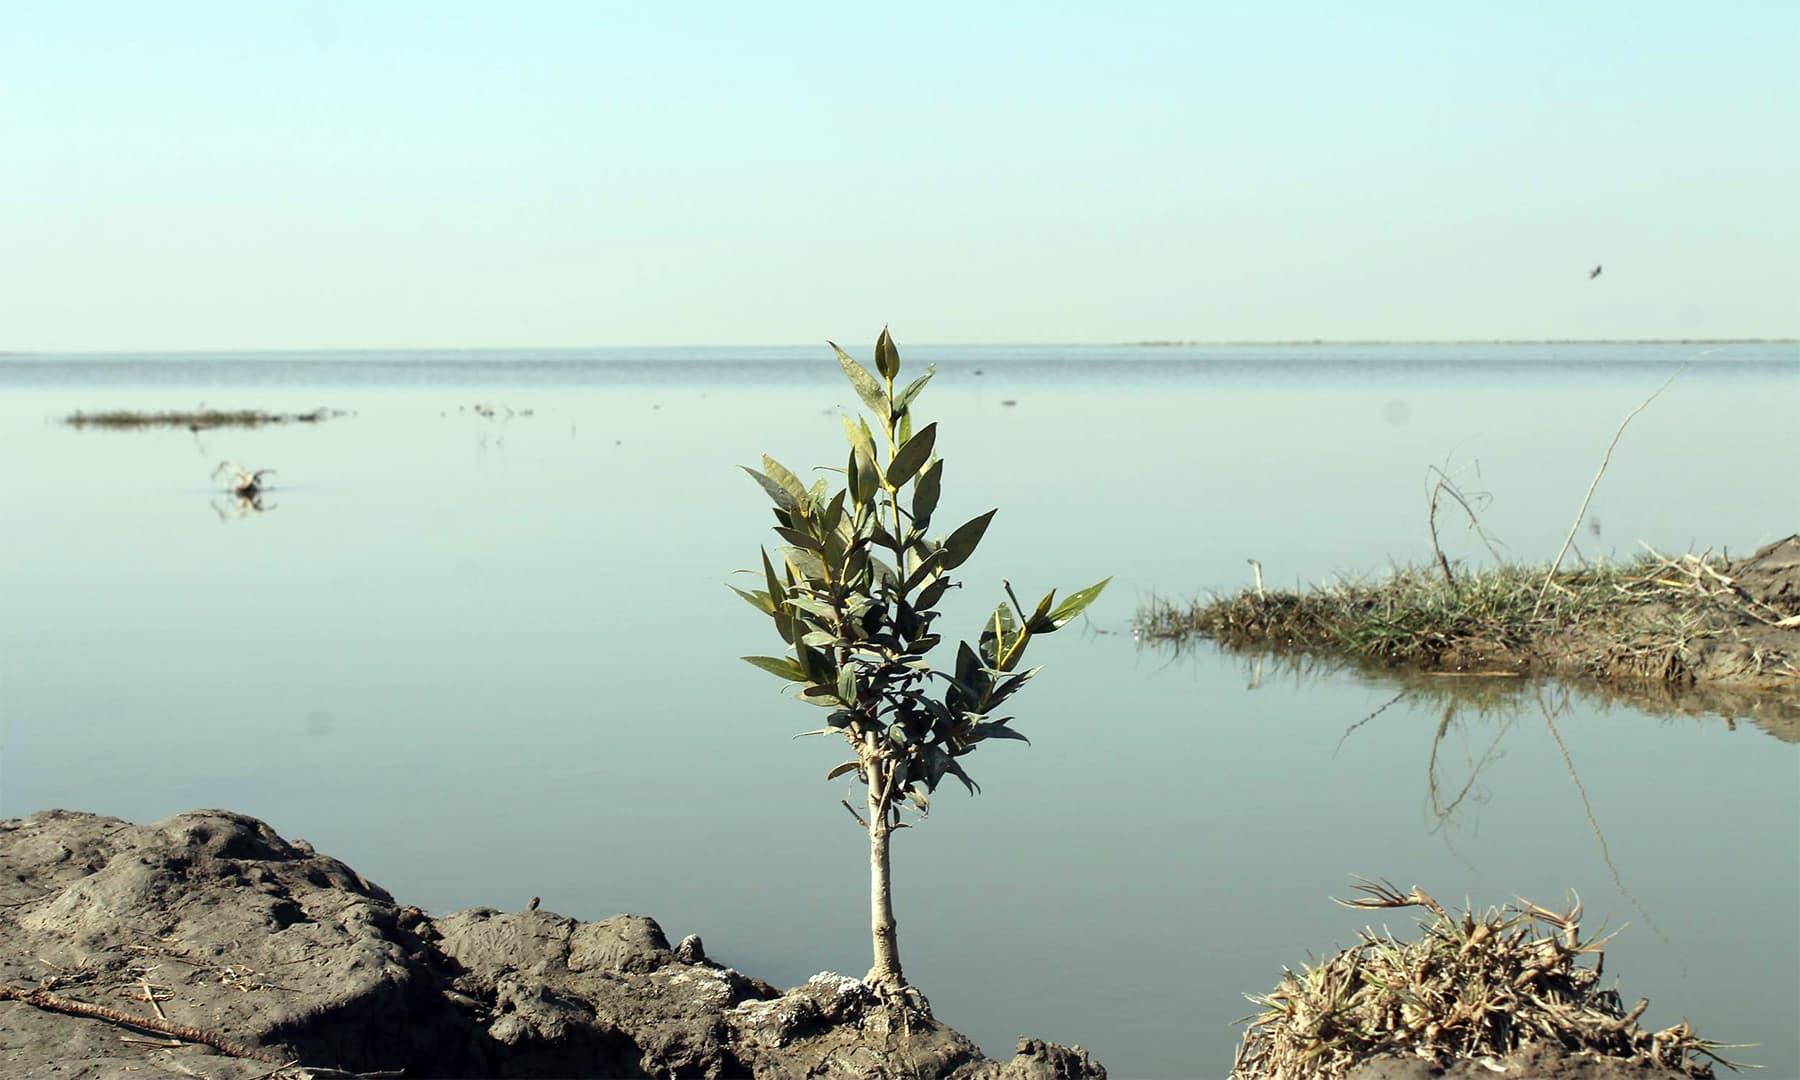 جھیلوں میں سمندر کے پانی کی آمد — تصویر ابوبکر شیخ